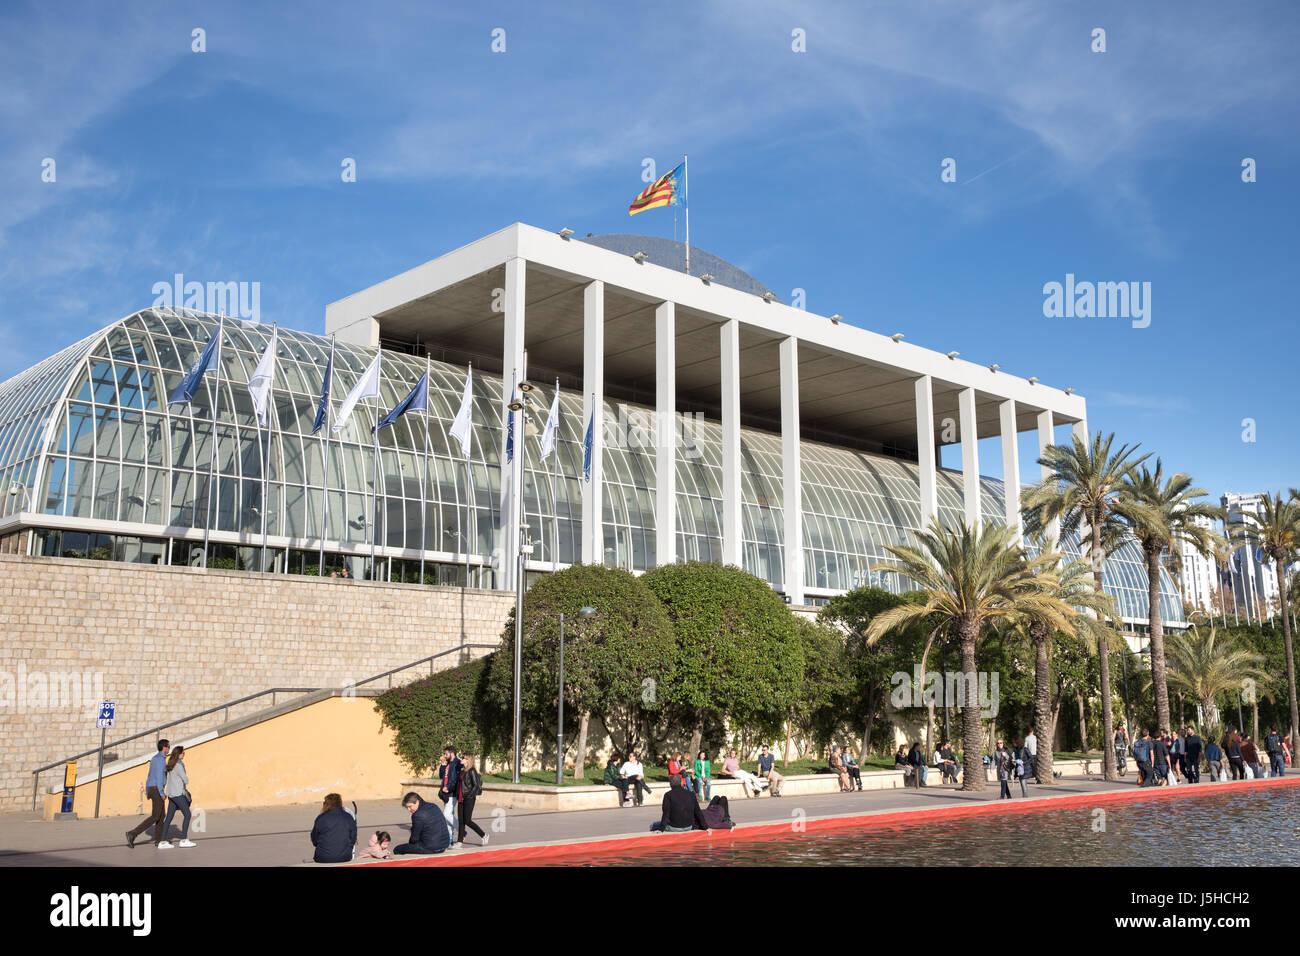 El Palau de la Música (Sala de Conciertos) enla Jardines del Turia, en Valencia, España Imagen De Stock